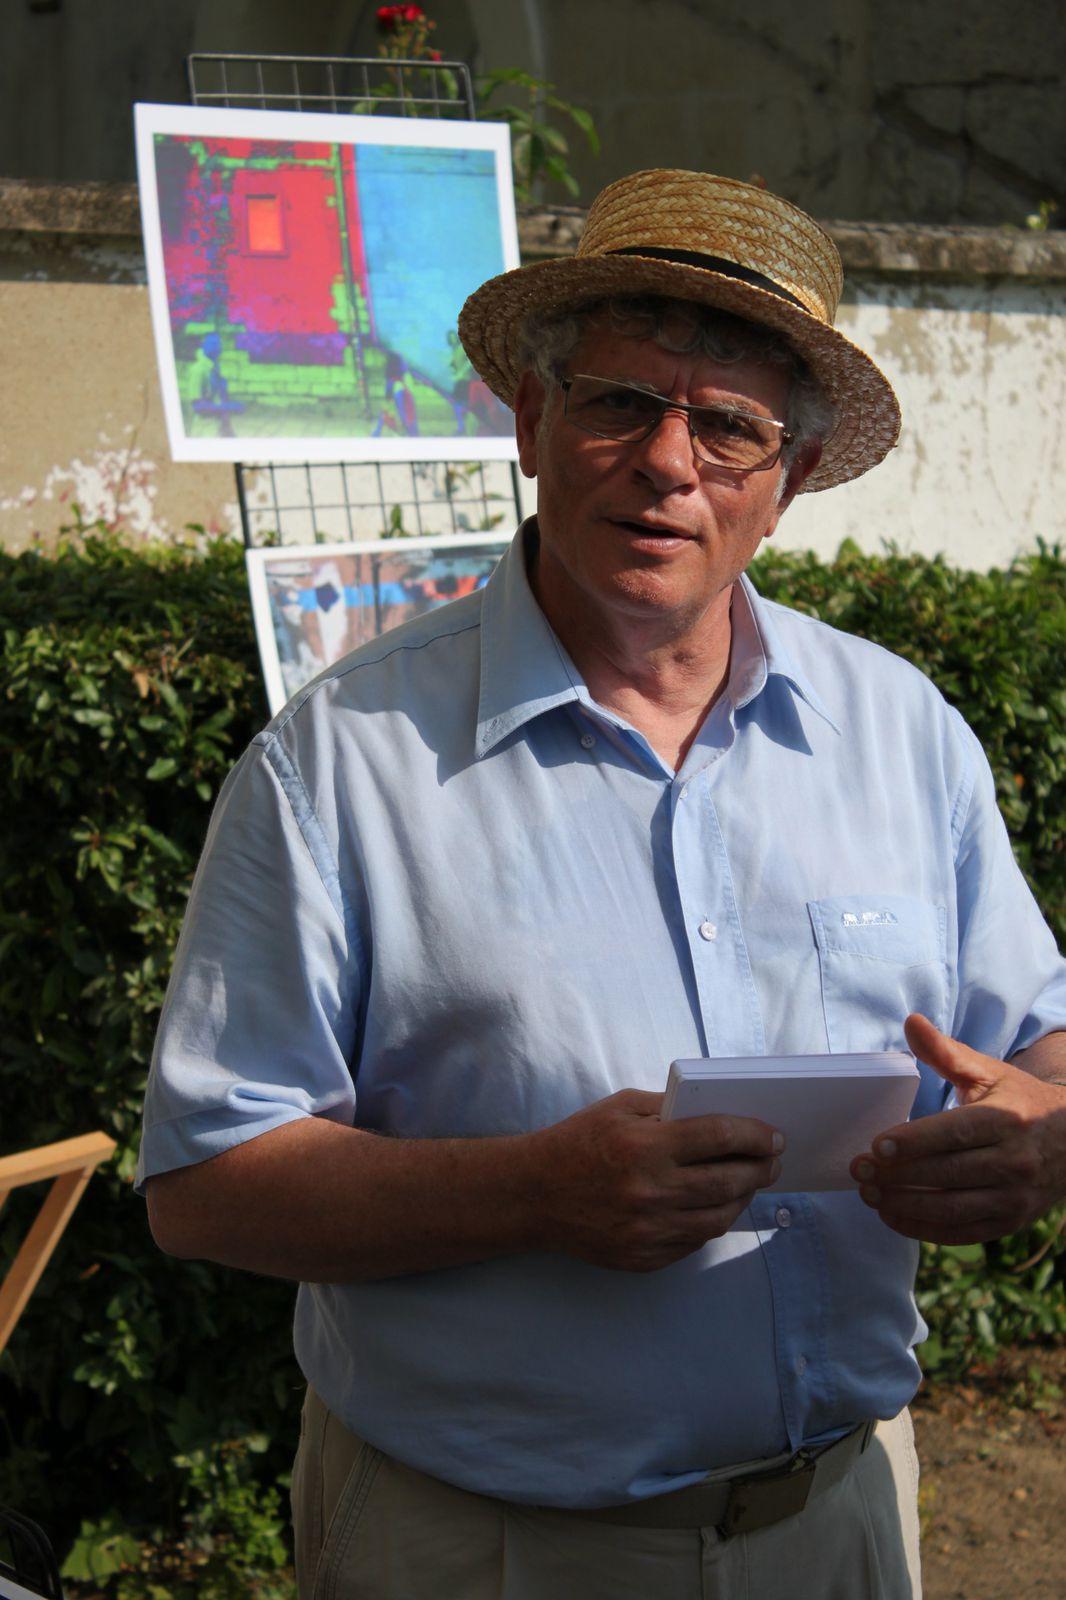 Alain Gasiglia habitué du salon &quot&#x3B;Puces antiquités Artistes&quot&#x3B; exposait le 7 juillet dernier